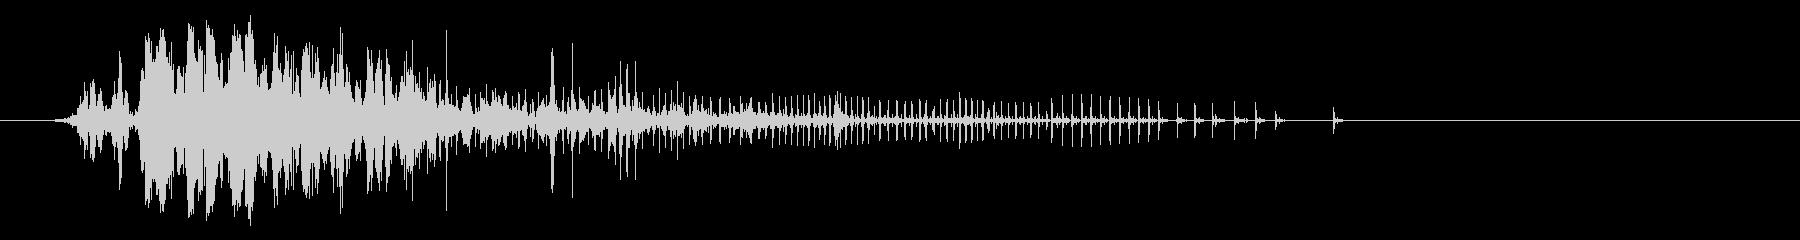 ハードウッドのインパクトとスプリン...の未再生の波形